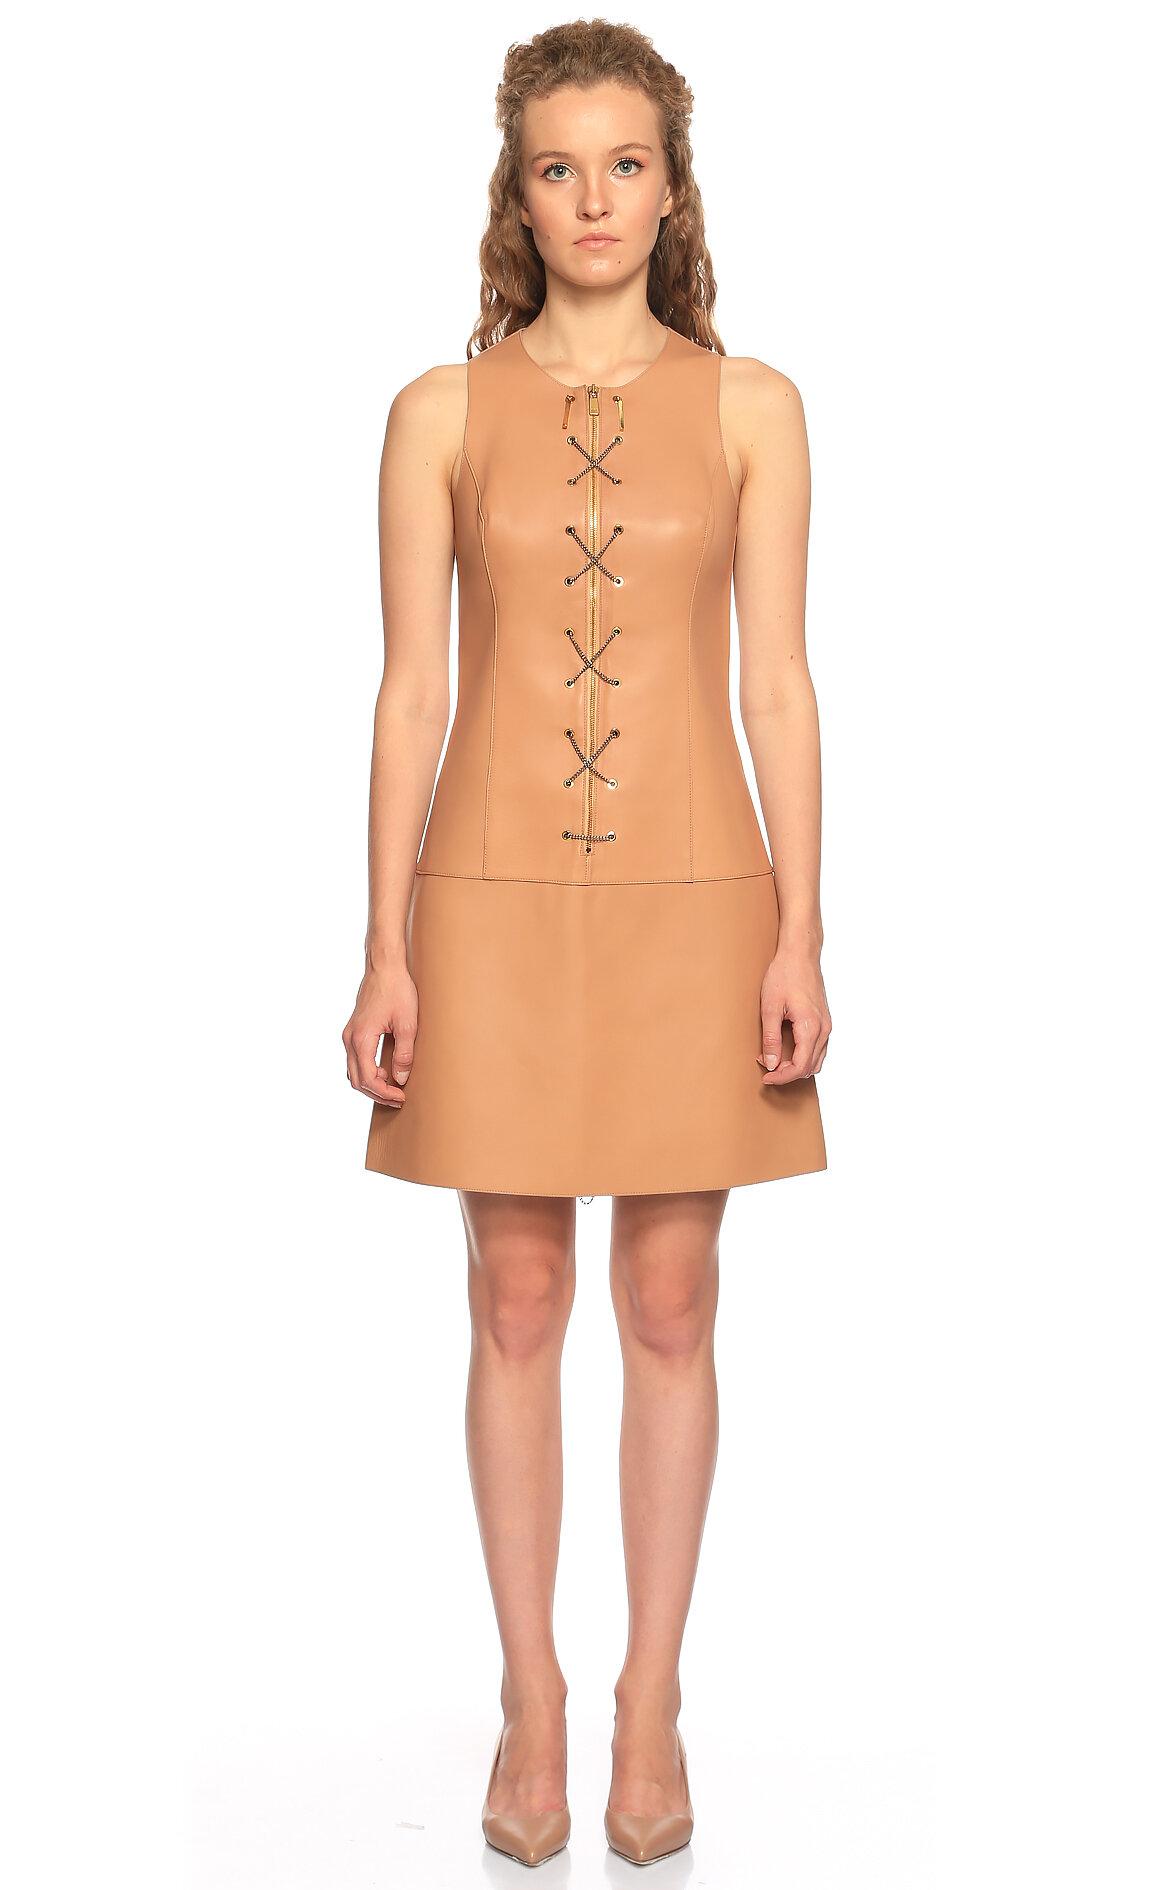 Michael Kors Collection-Michael Kors Collection Deri Bej Mini Elbise